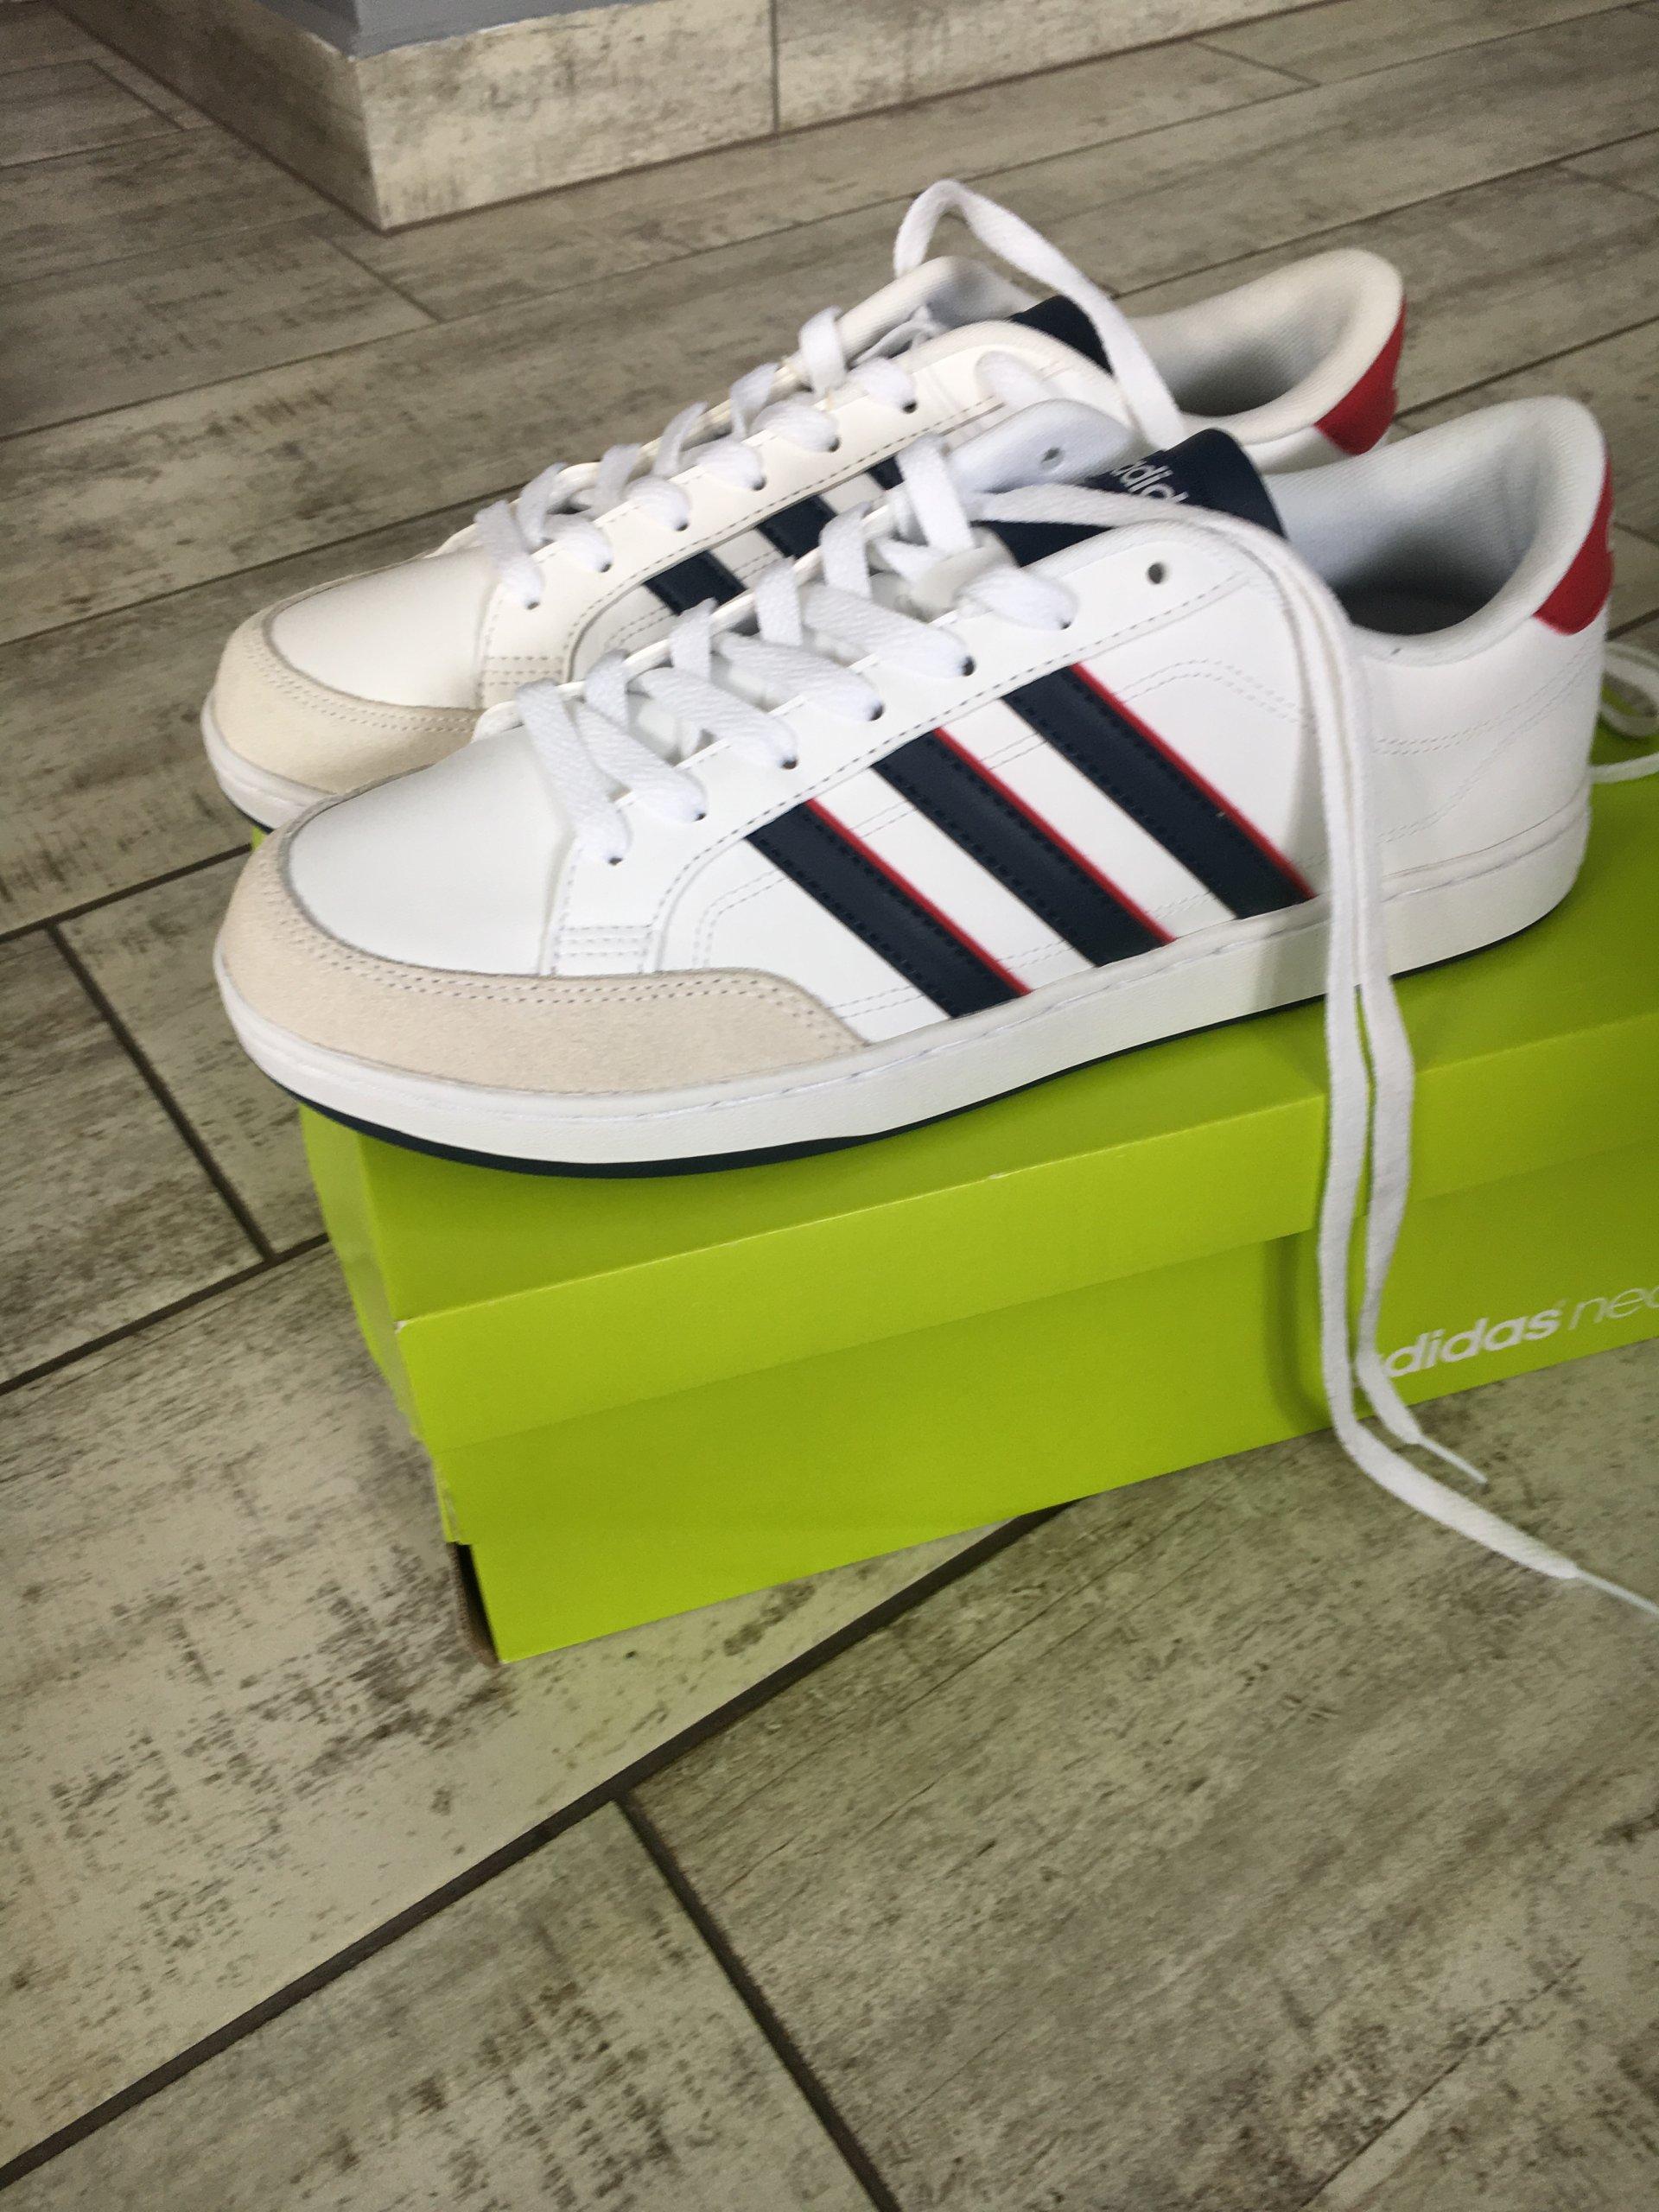 adidas courtset 41 13 nowe meskie białe 7295693991